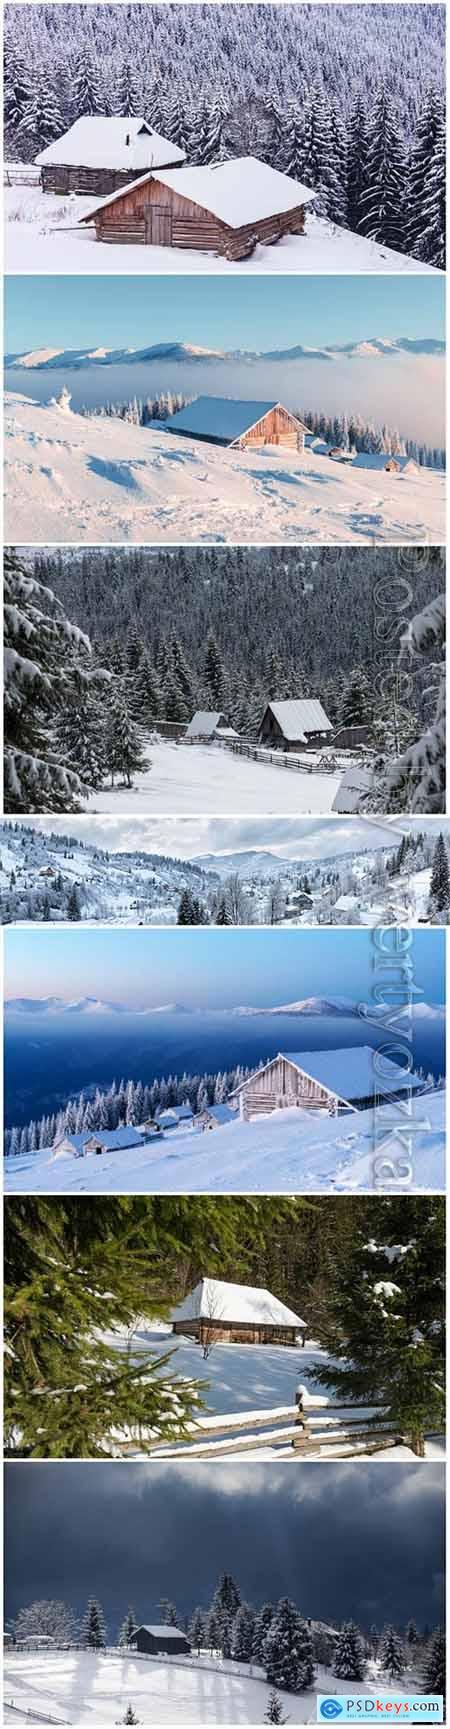 Winter landscape beautiful stock photo